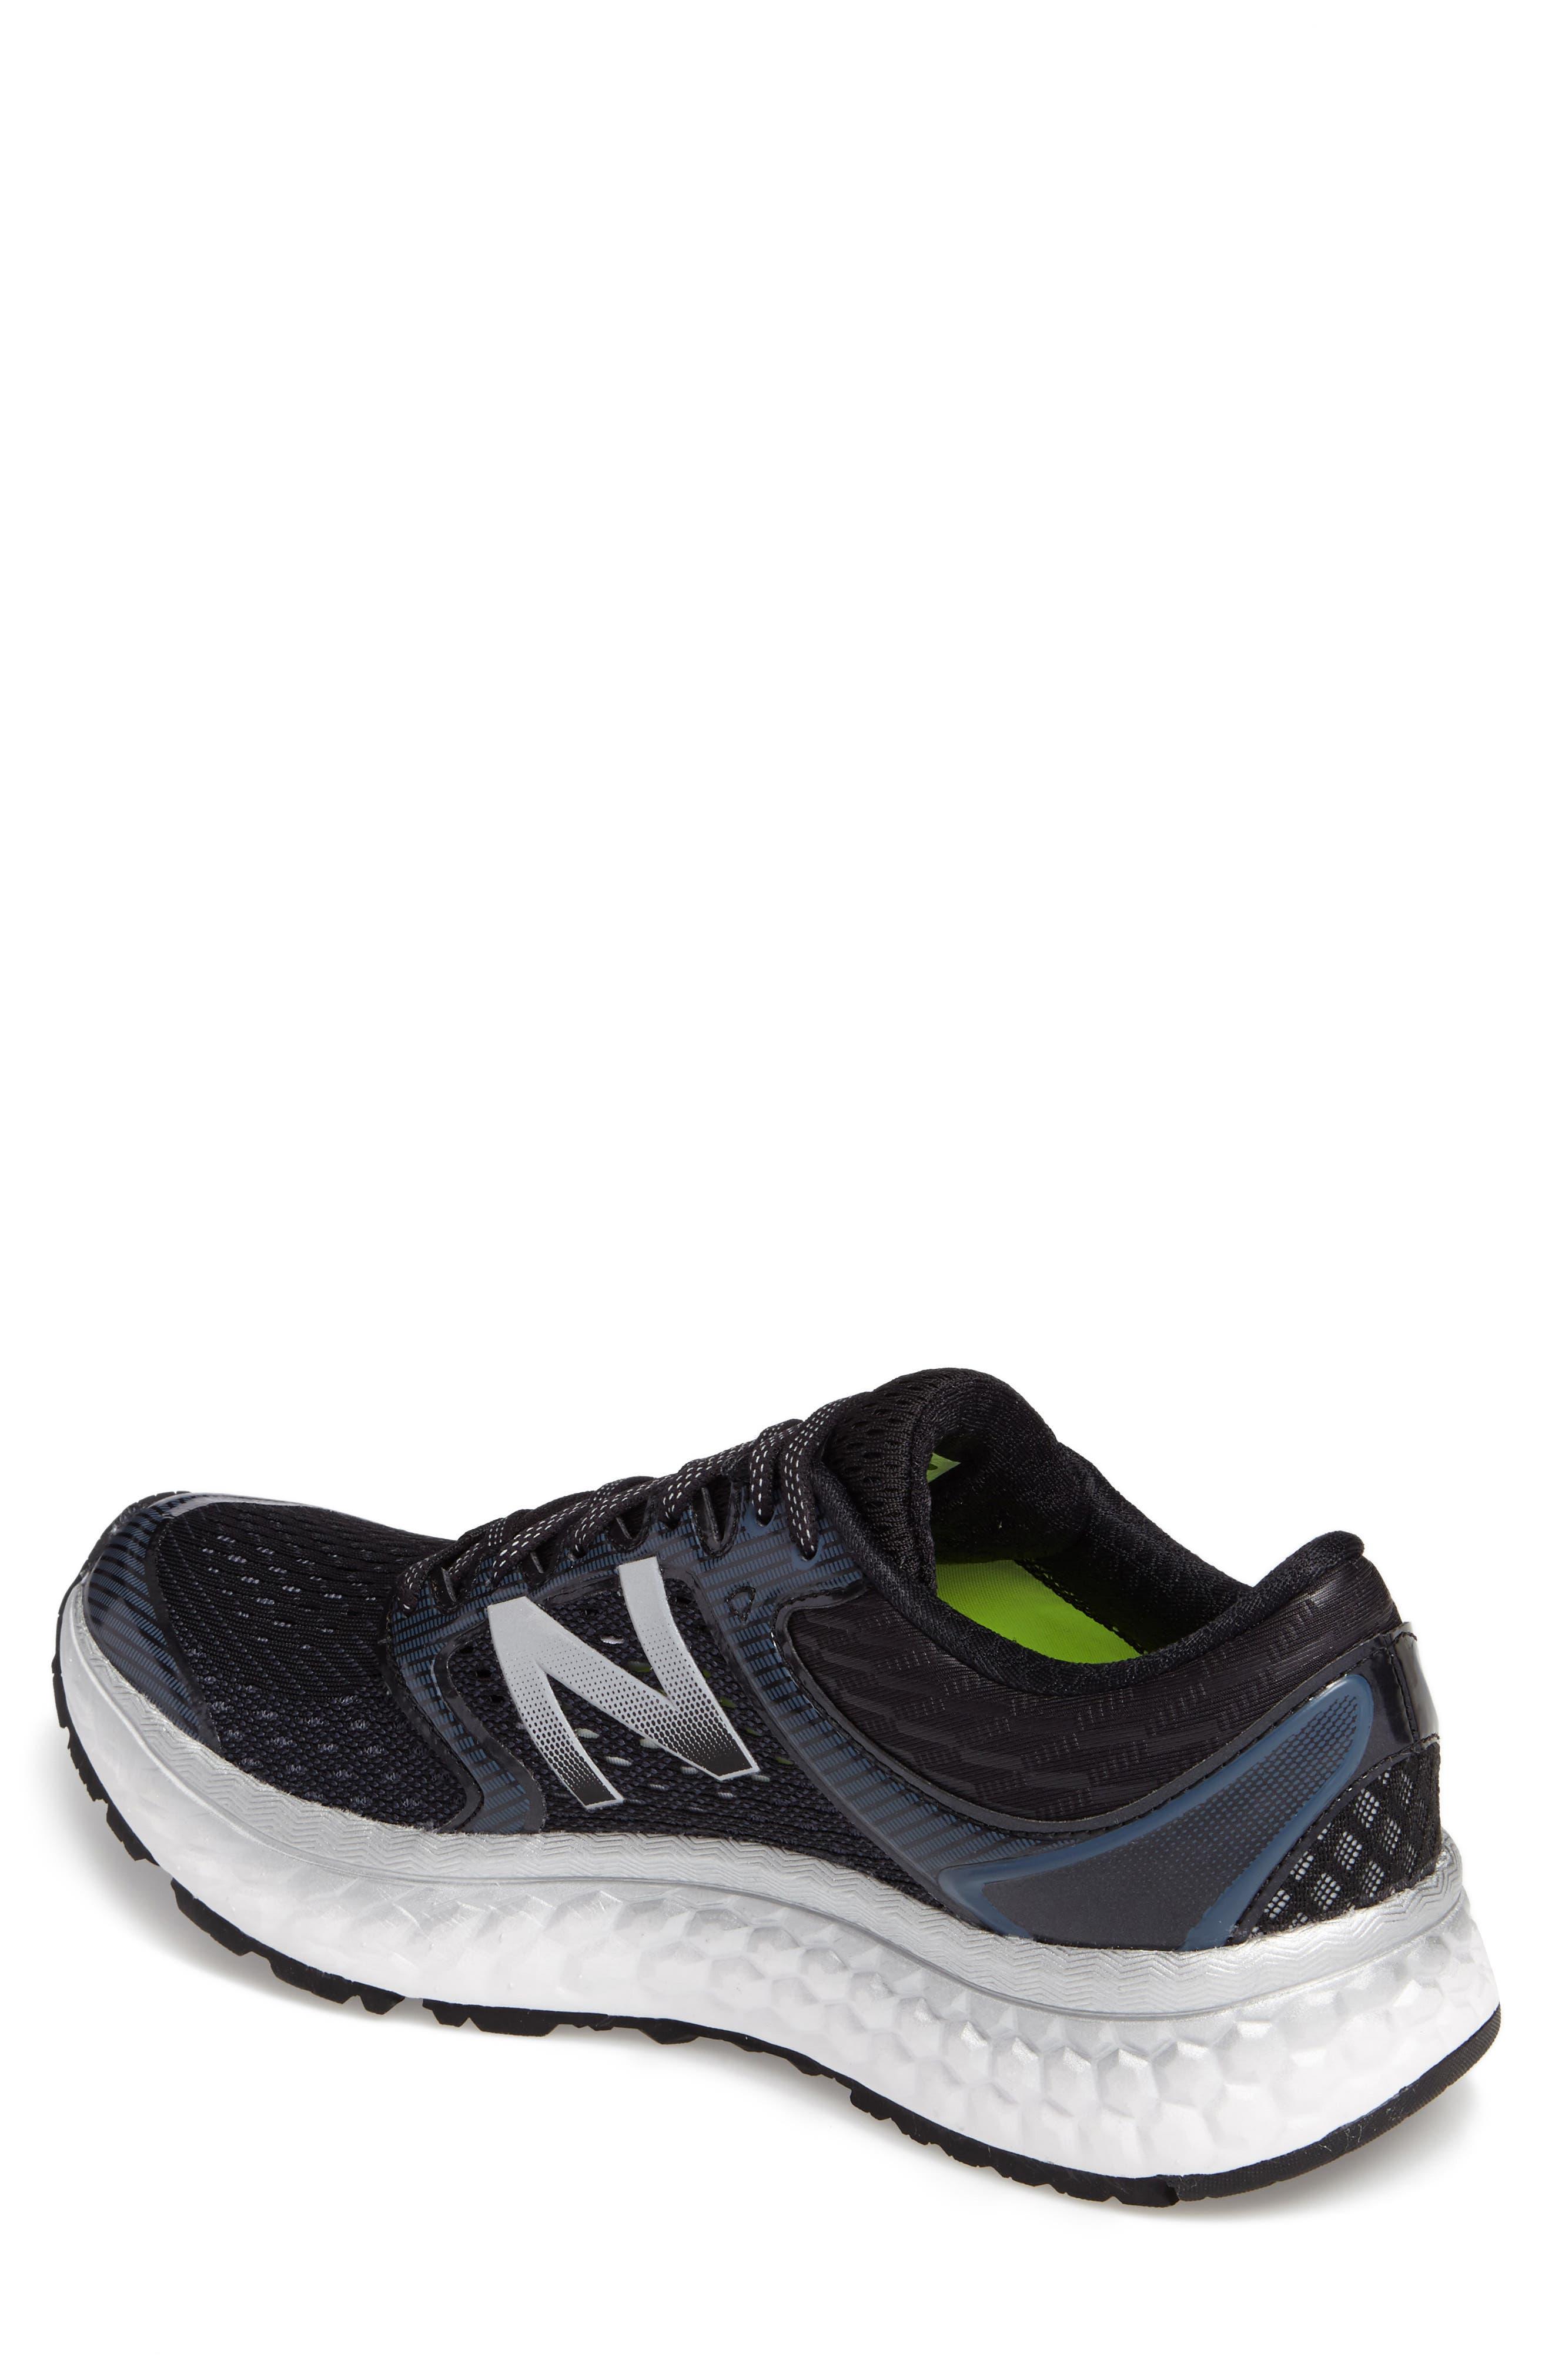 Fresh Foam 1080v7 Running Shoe,                             Alternate thumbnail 2, color,                             004